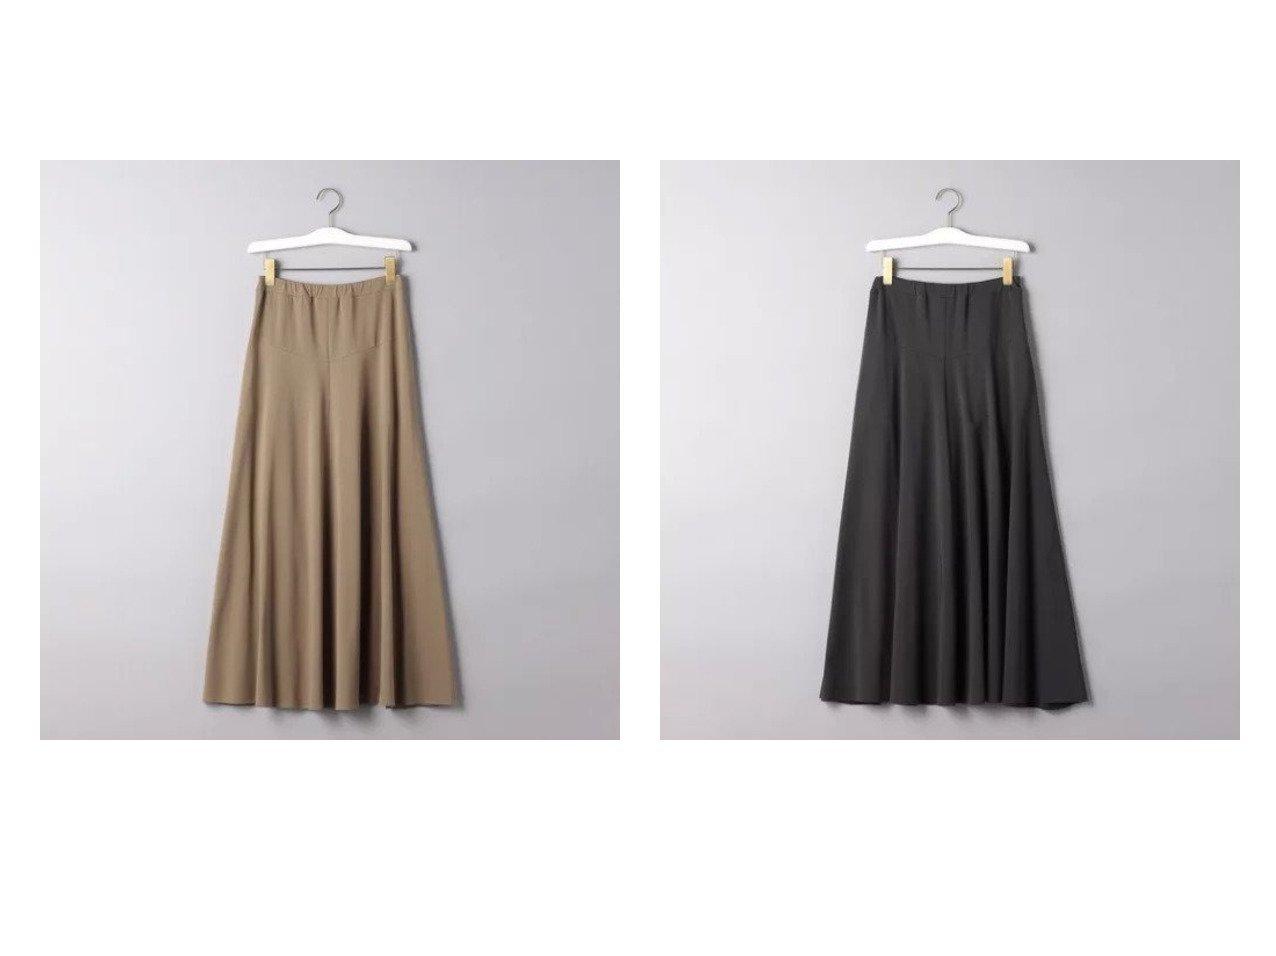 【UNITED ARROWS/ユナイテッドアローズ】のC イージー フレアースカート 【スカート】おすすめ!人気、トレンド・レディースファッションの通販 おすすめで人気の流行・トレンド、ファッションの通販商品 メンズファッション・キッズファッション・インテリア・家具・レディースファッション・服の通販 founy(ファニー) https://founy.com/ ファッション Fashion レディースファッション WOMEN スカート Skirt カットソー セットアップ フレアースカート マキシ ロング |ID:crp329100000032373